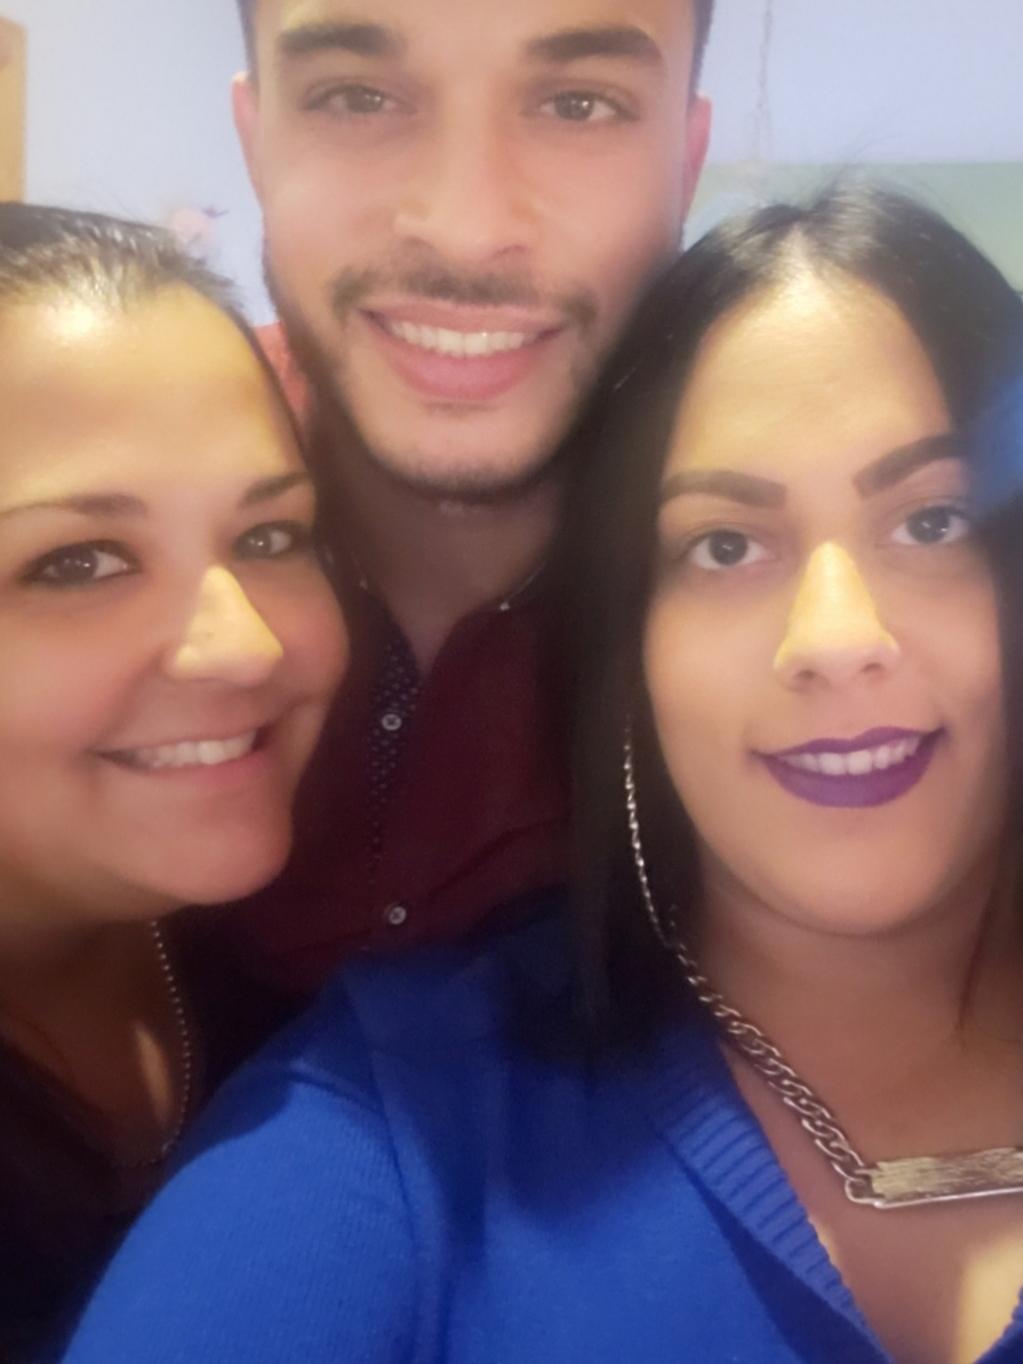 Yanie, Esau and Ilia